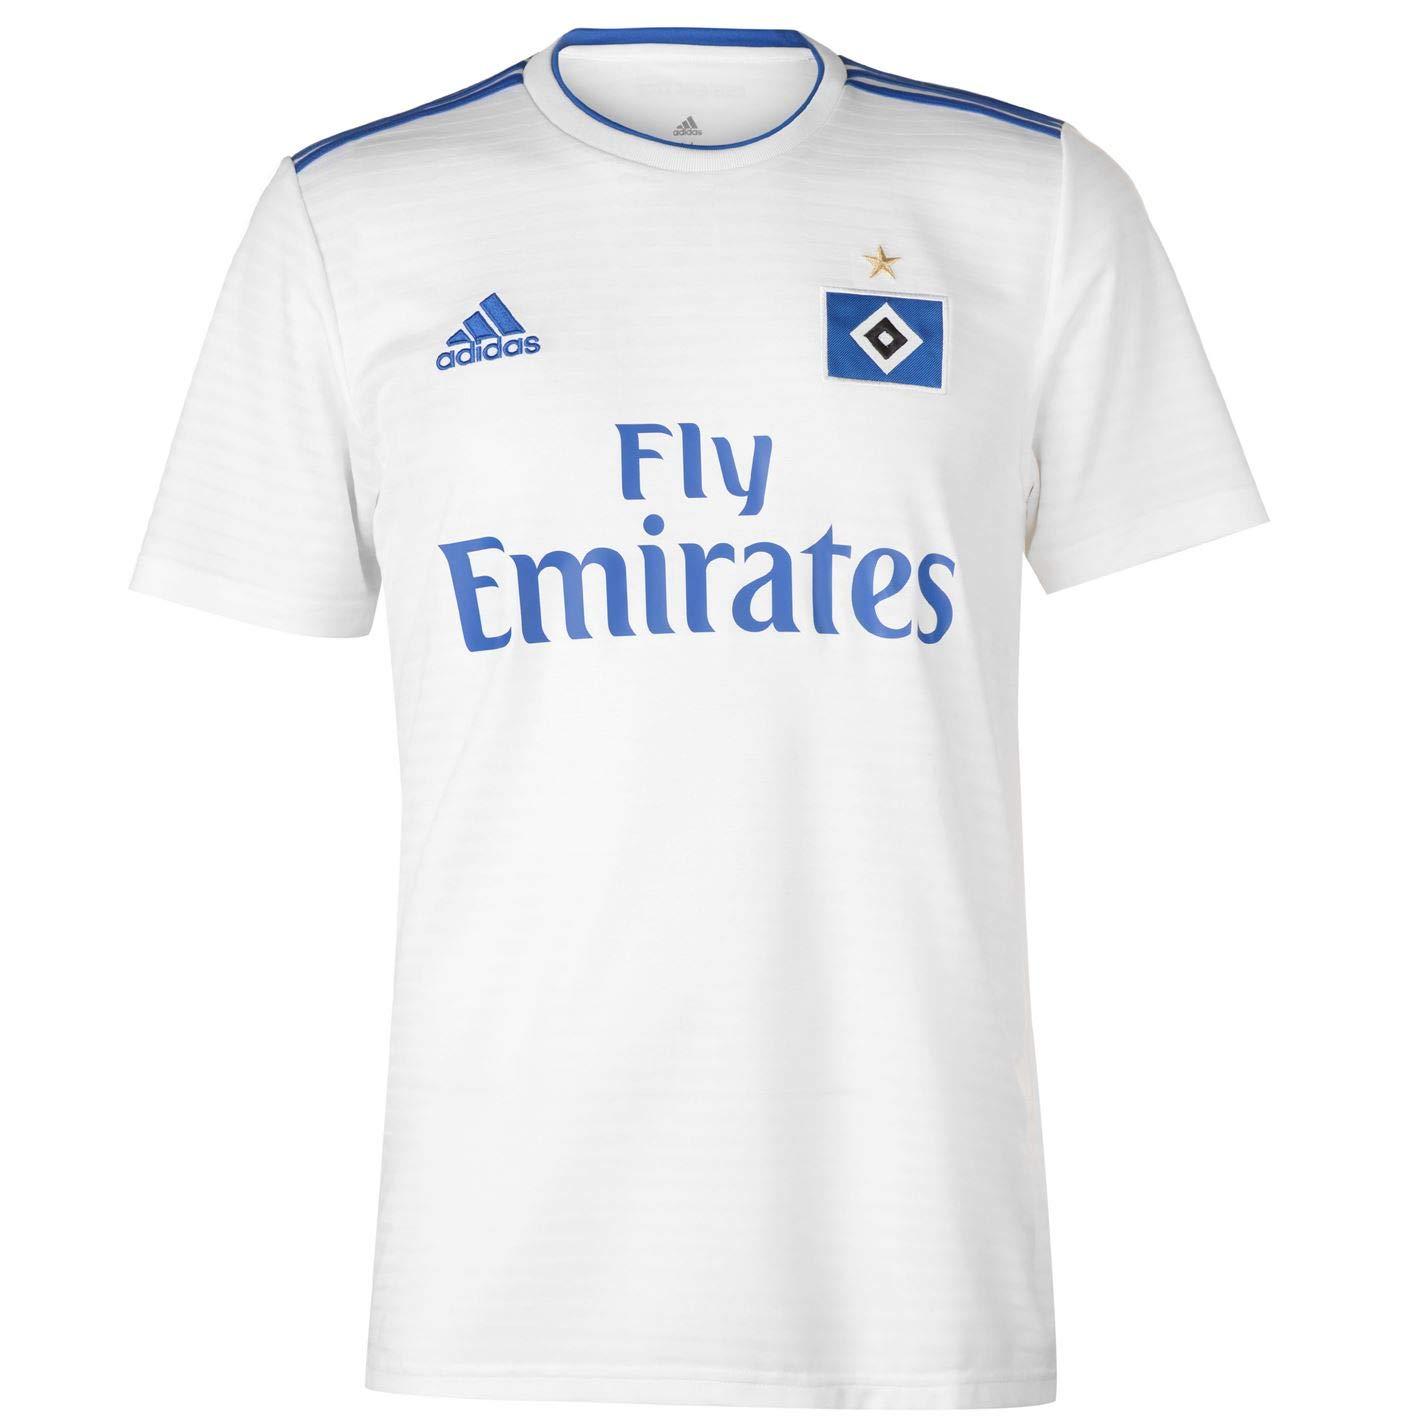 91cbbf11cb8 Amazon.com   adidas 2018-2019 Hamburg Home Football Soccer T-Shirt Jersey    Sports   Outdoors